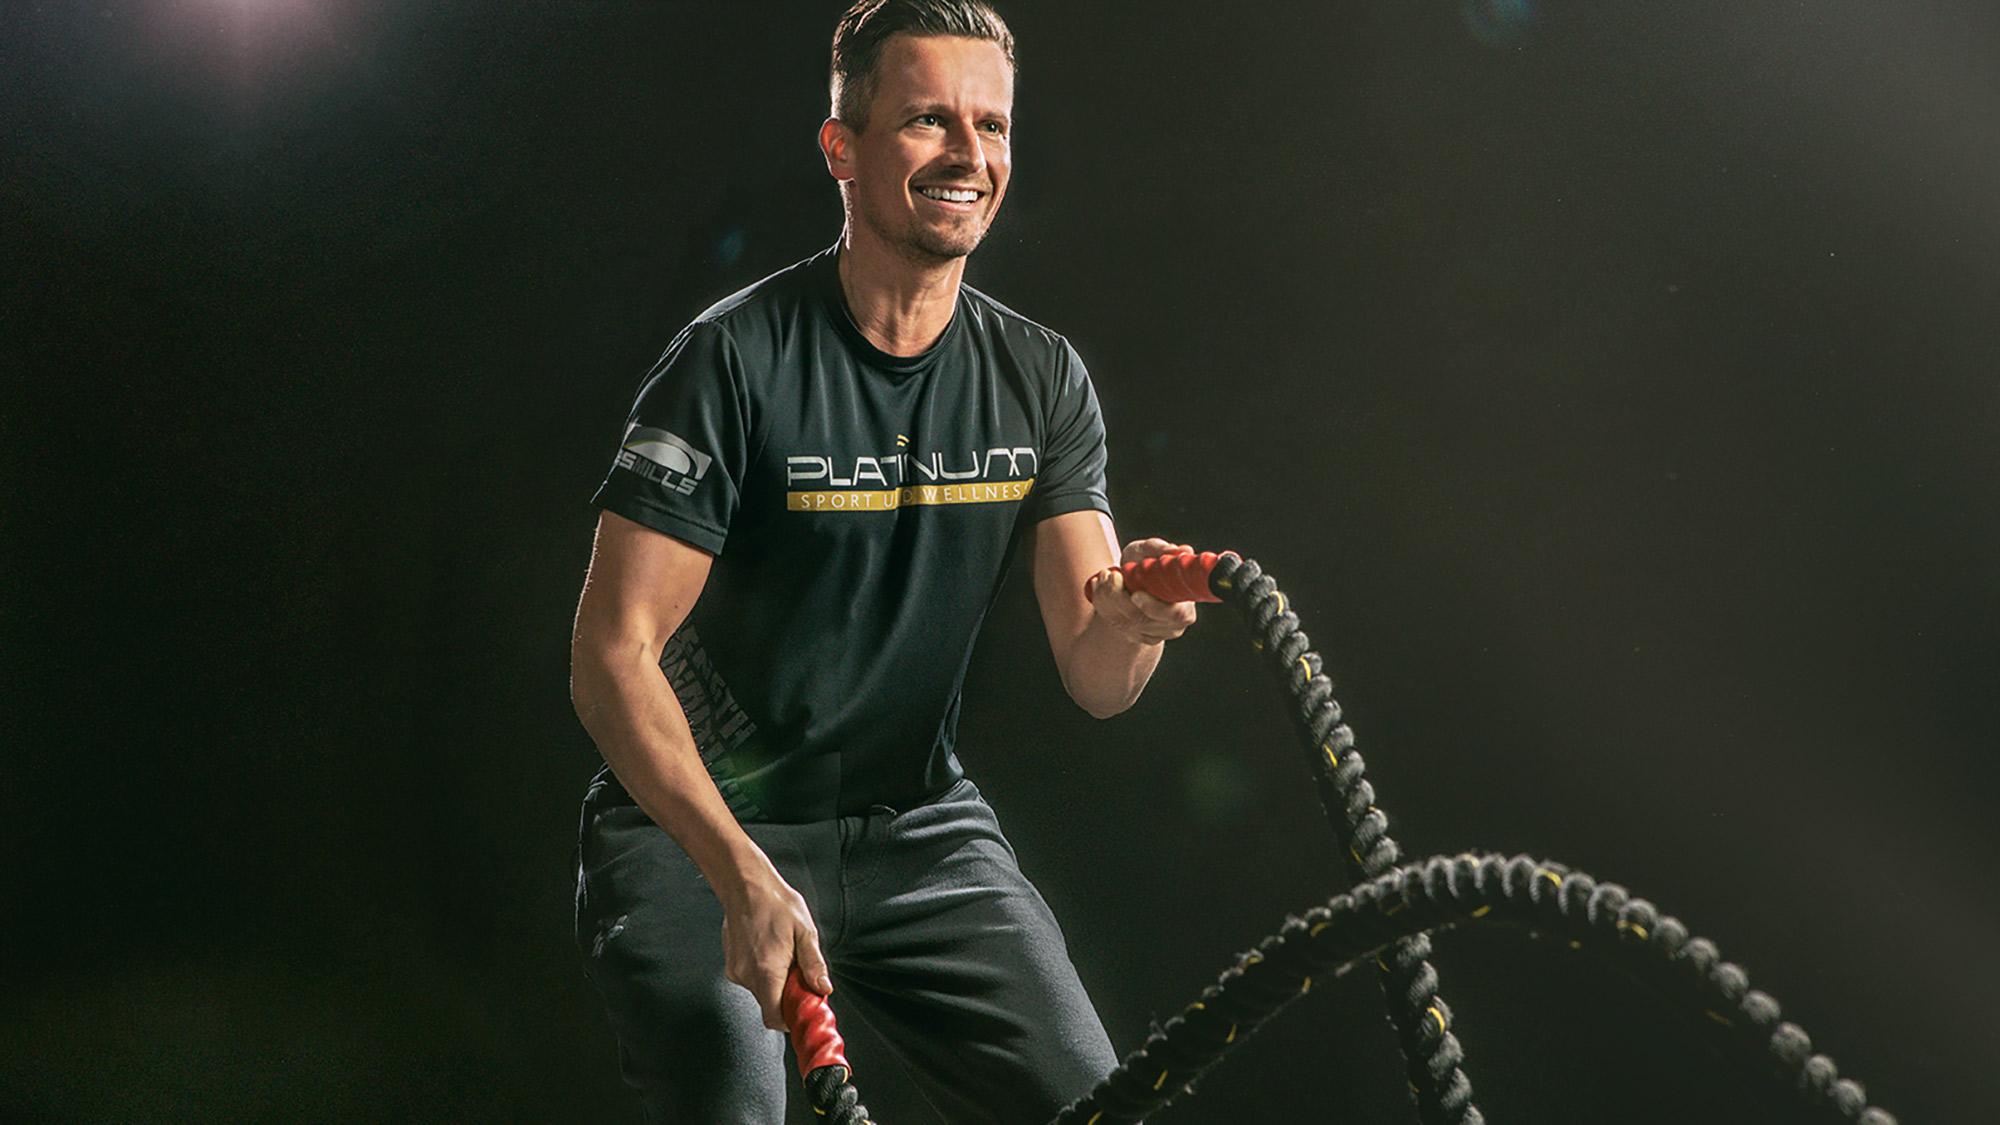 Dieses dynamische Fitnessfoto aufgenommen von dem Frankfurter Fotografen Fritz Philipp zeigt einen Sportler vor schwarzem Hintergrund der mit viel Spaß Seile schwingt